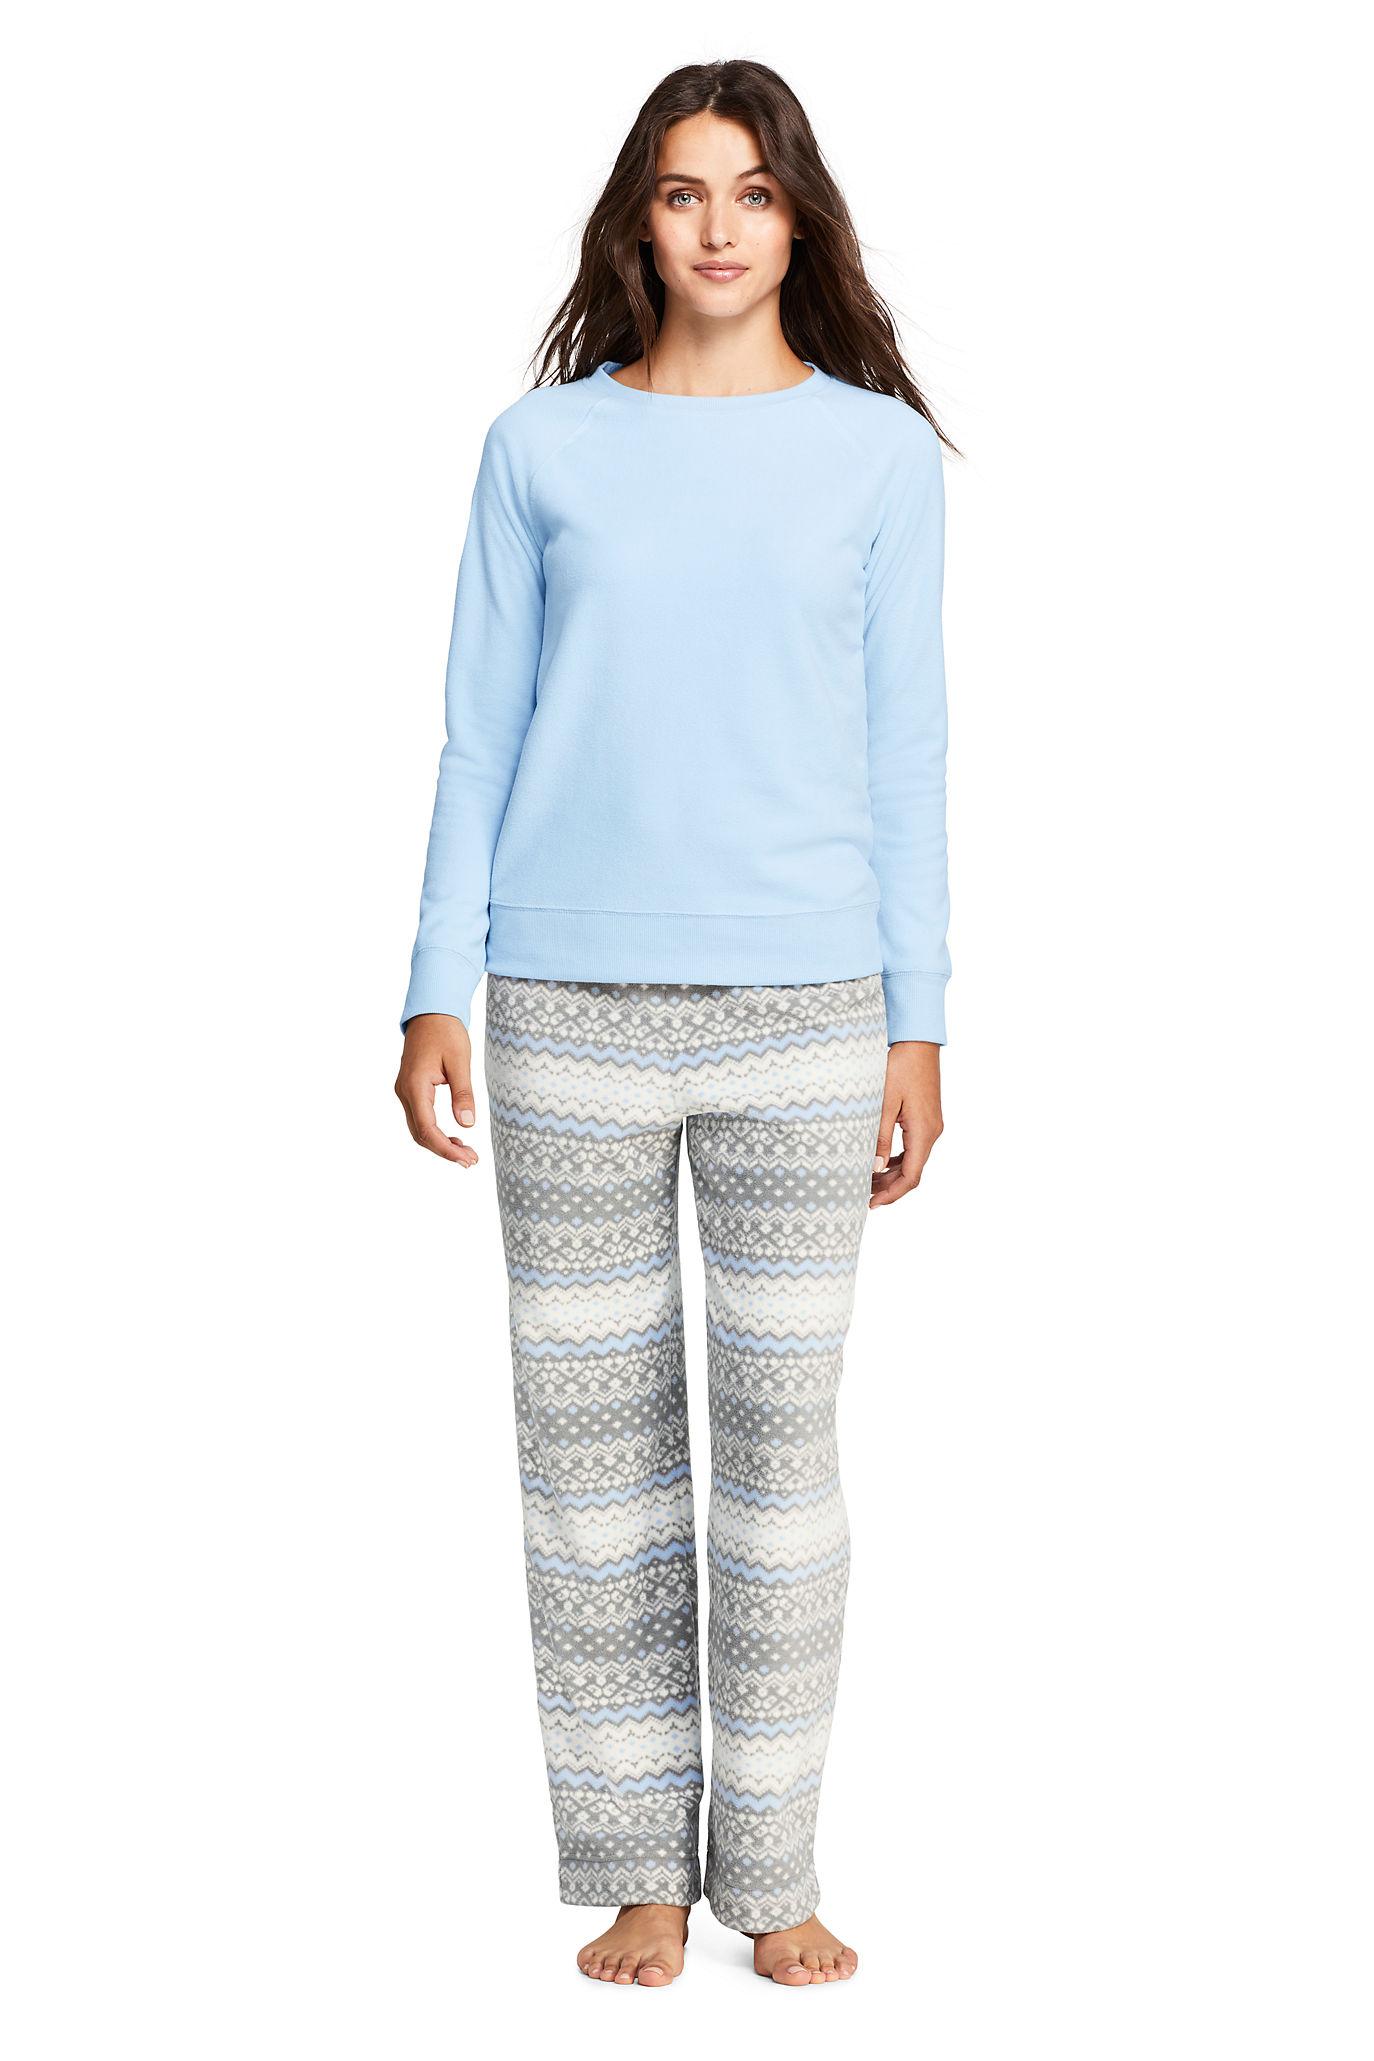 petite pajama set long sleeve